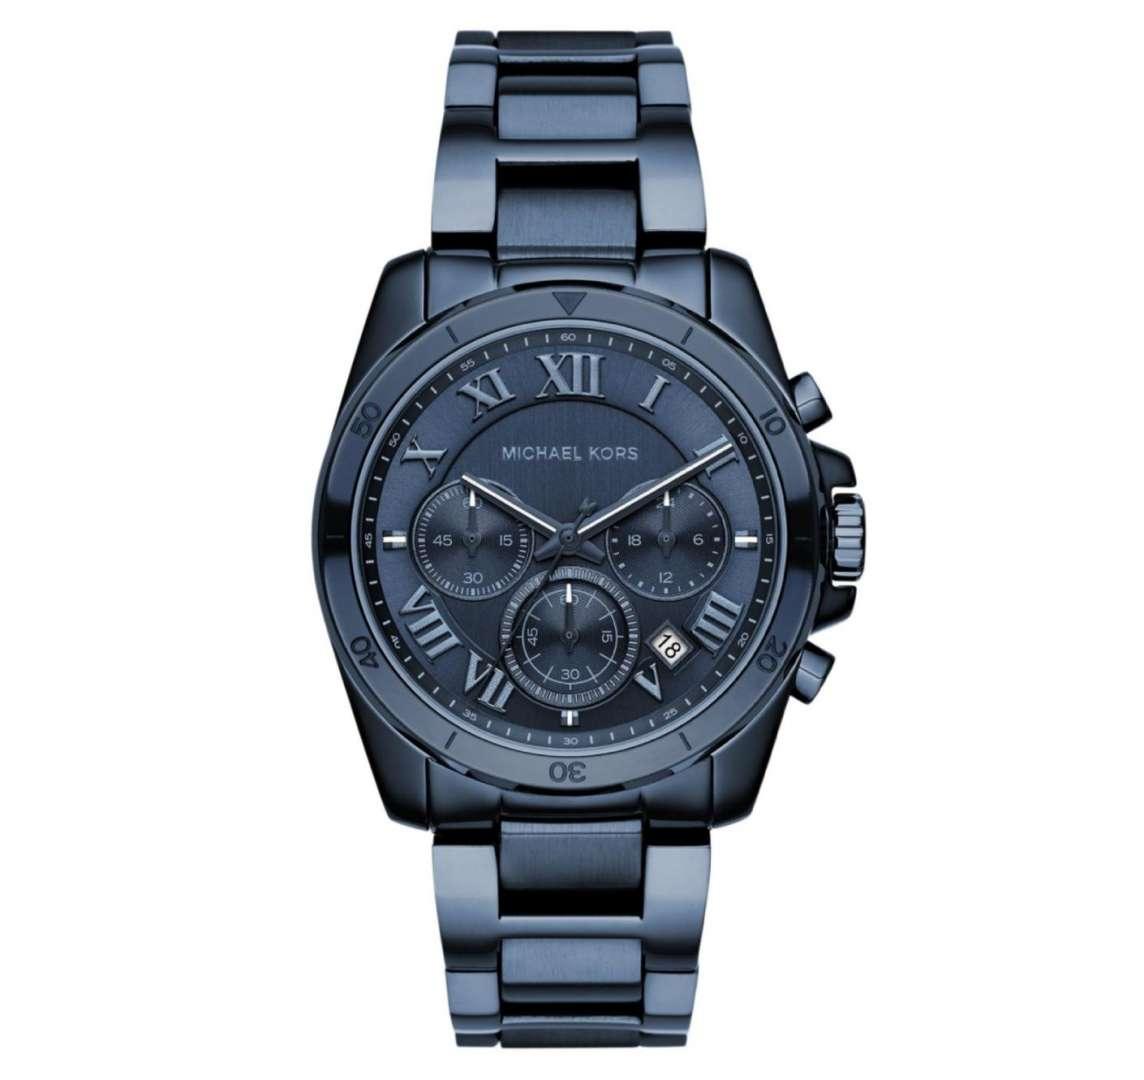 שעון יד אנלוגי לגבר michael kors mk6361 מייקל קורס